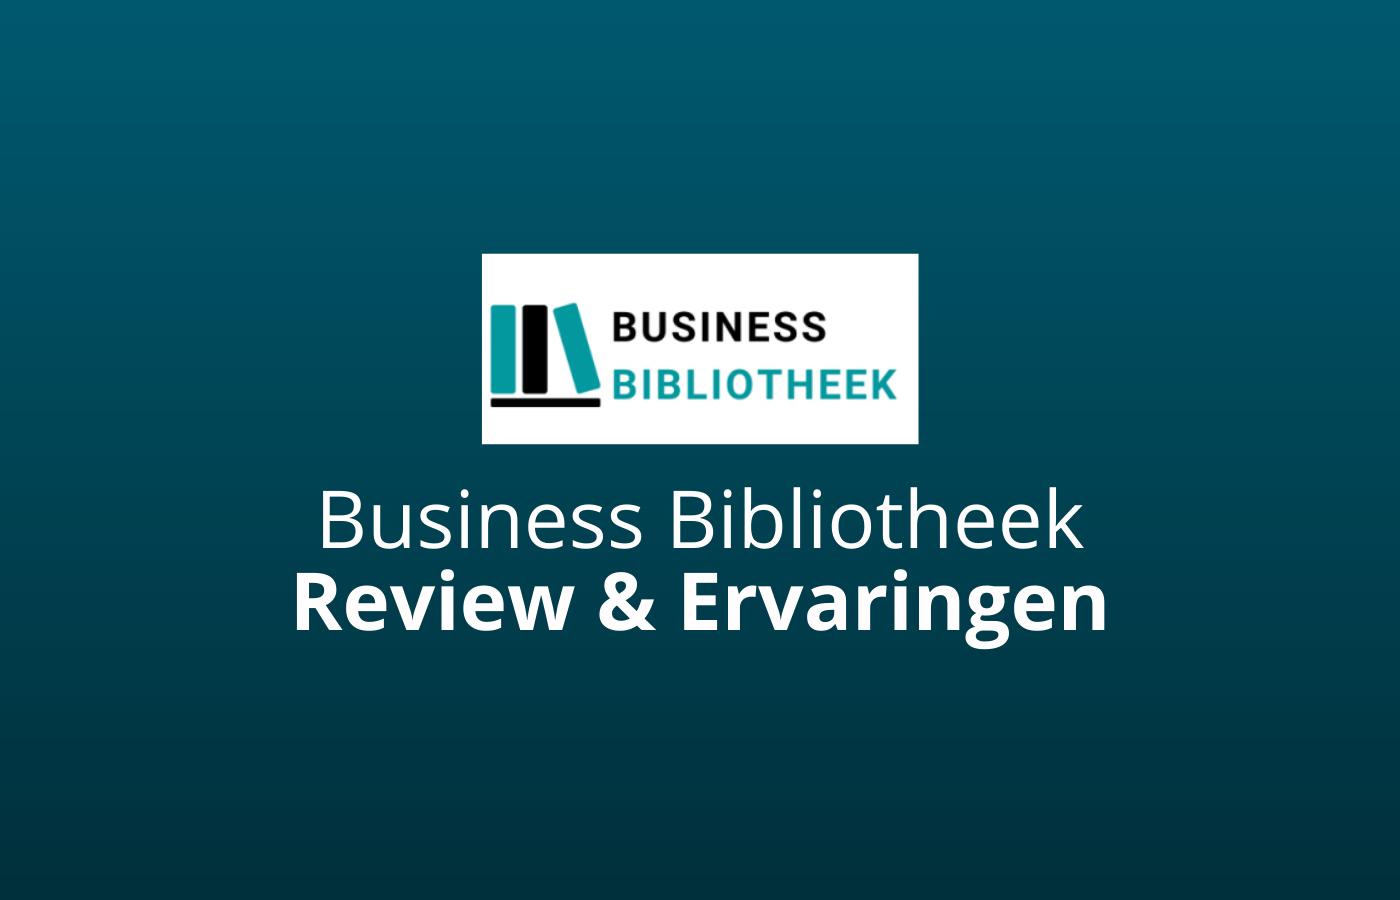 business bibliotheek ervaringen en review